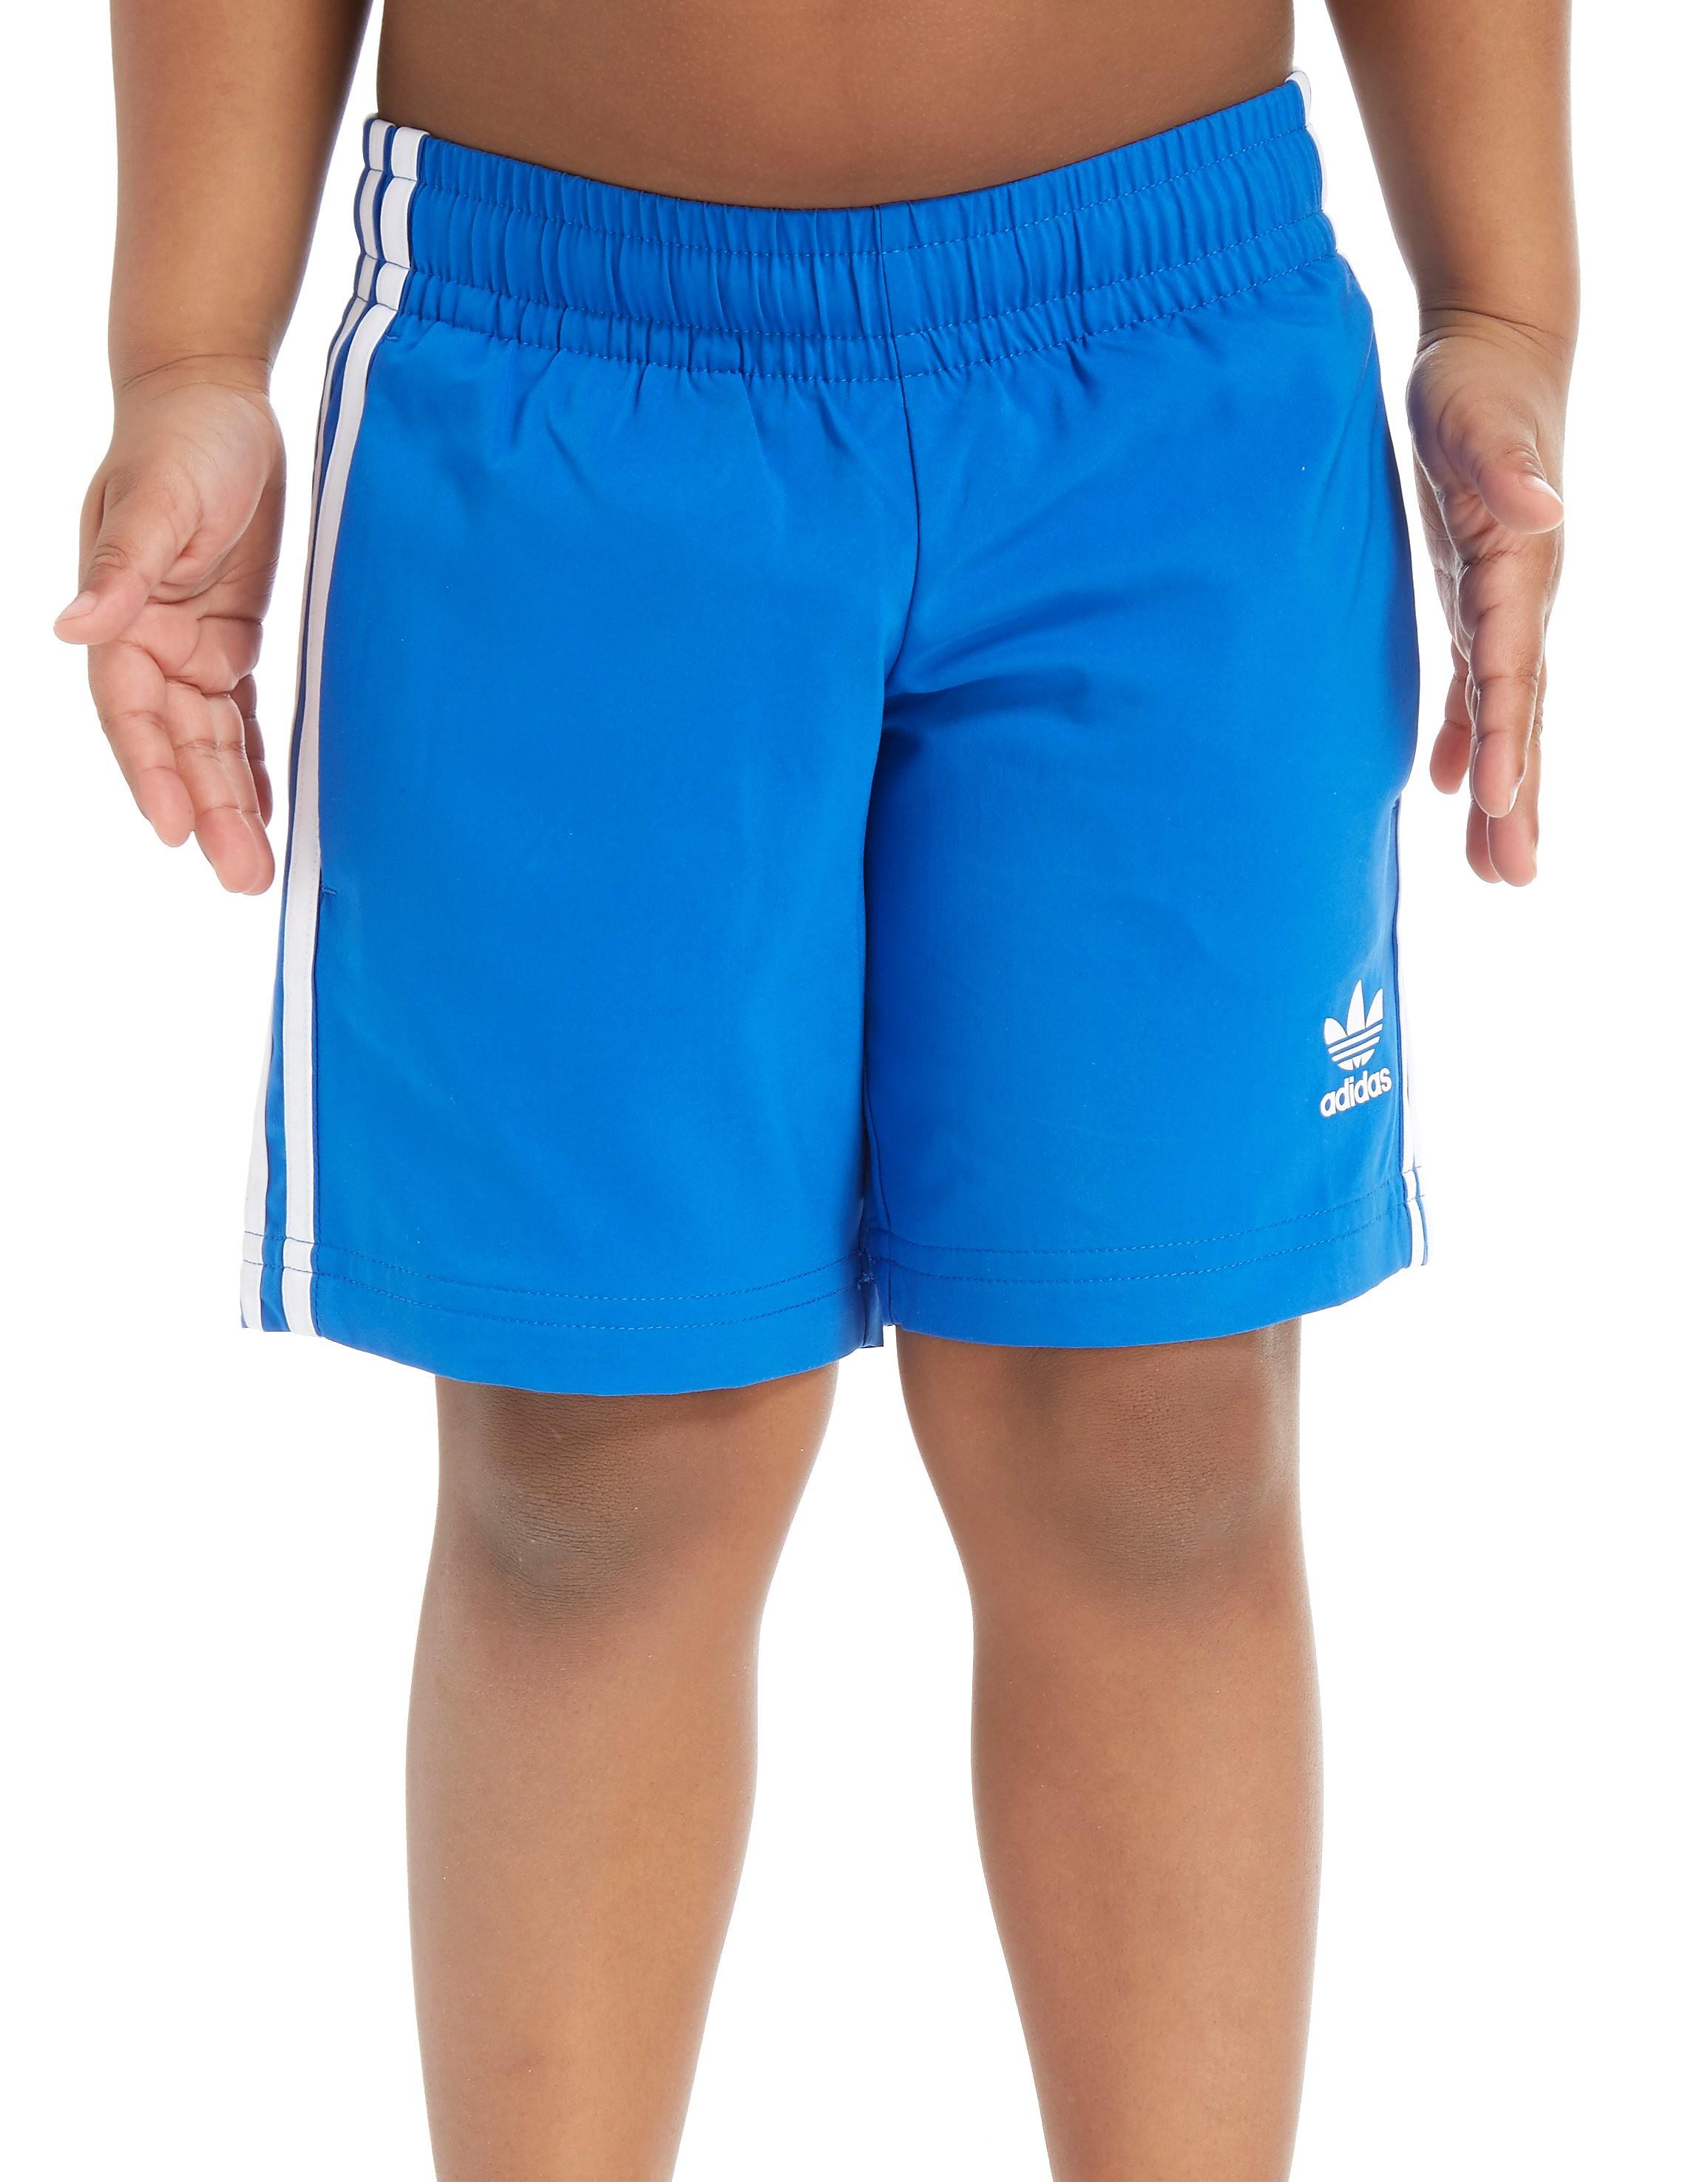 adidas Originals Swimming Shorts Children - Only at JD - Blau - Kids, Blau